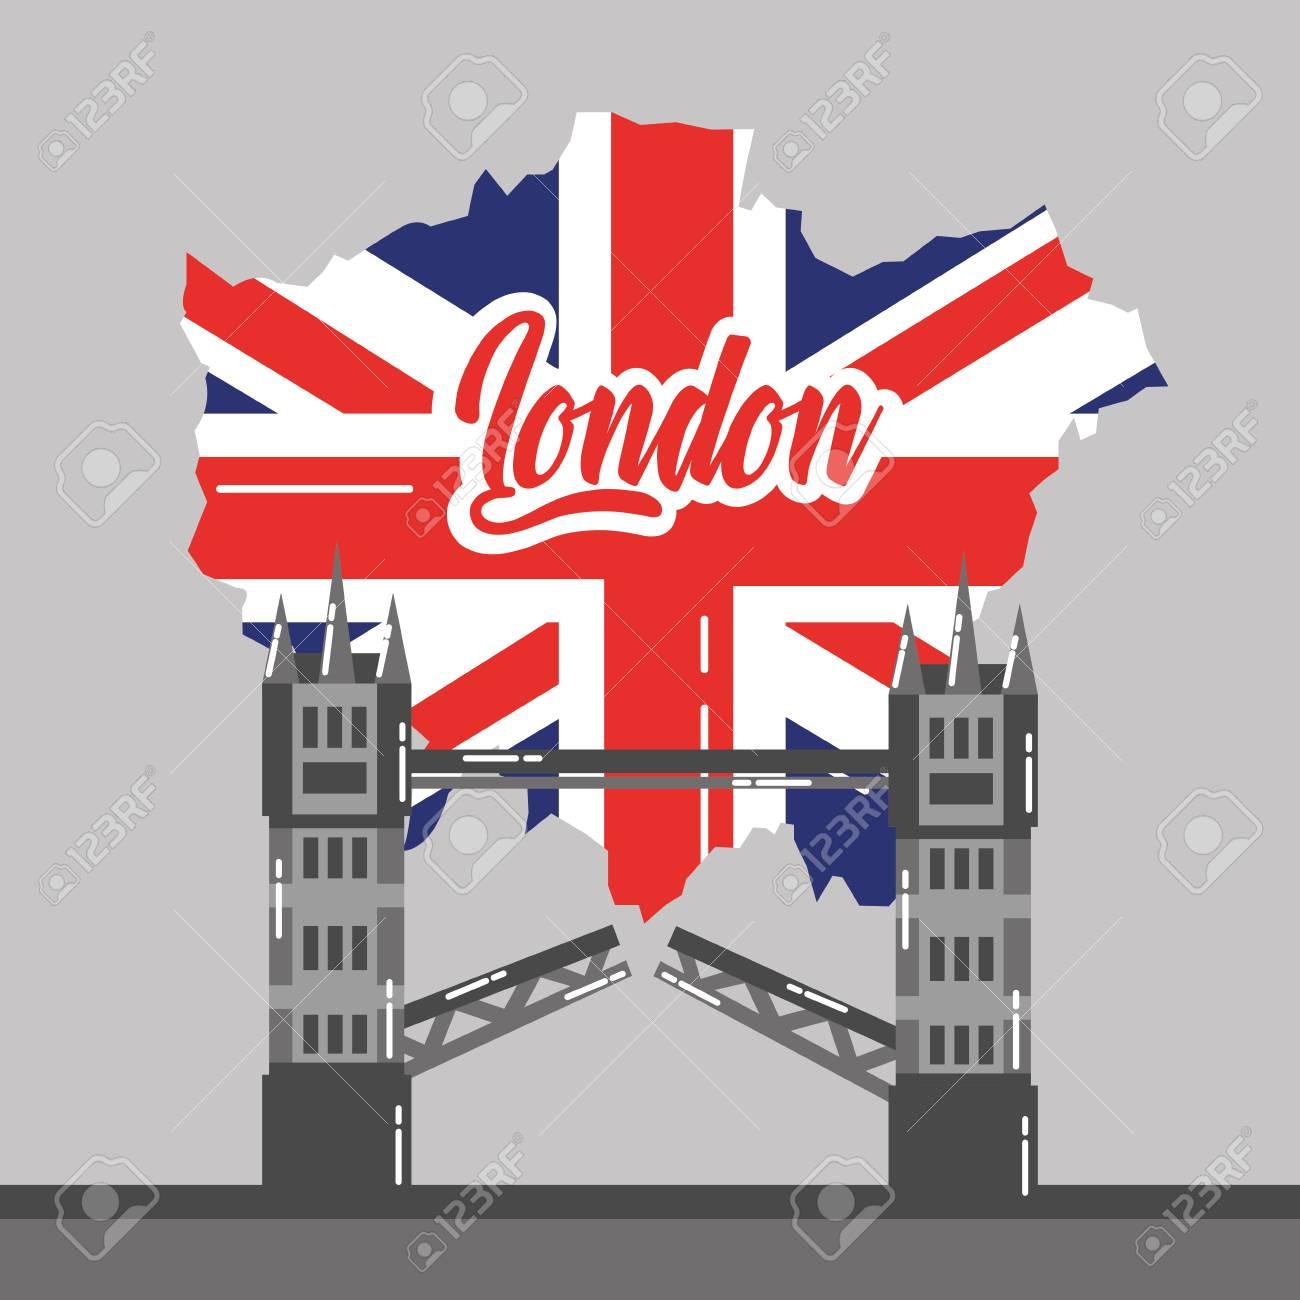 London Bridge Map.London Bridge Building Map Uk Landmark Vector Illustration